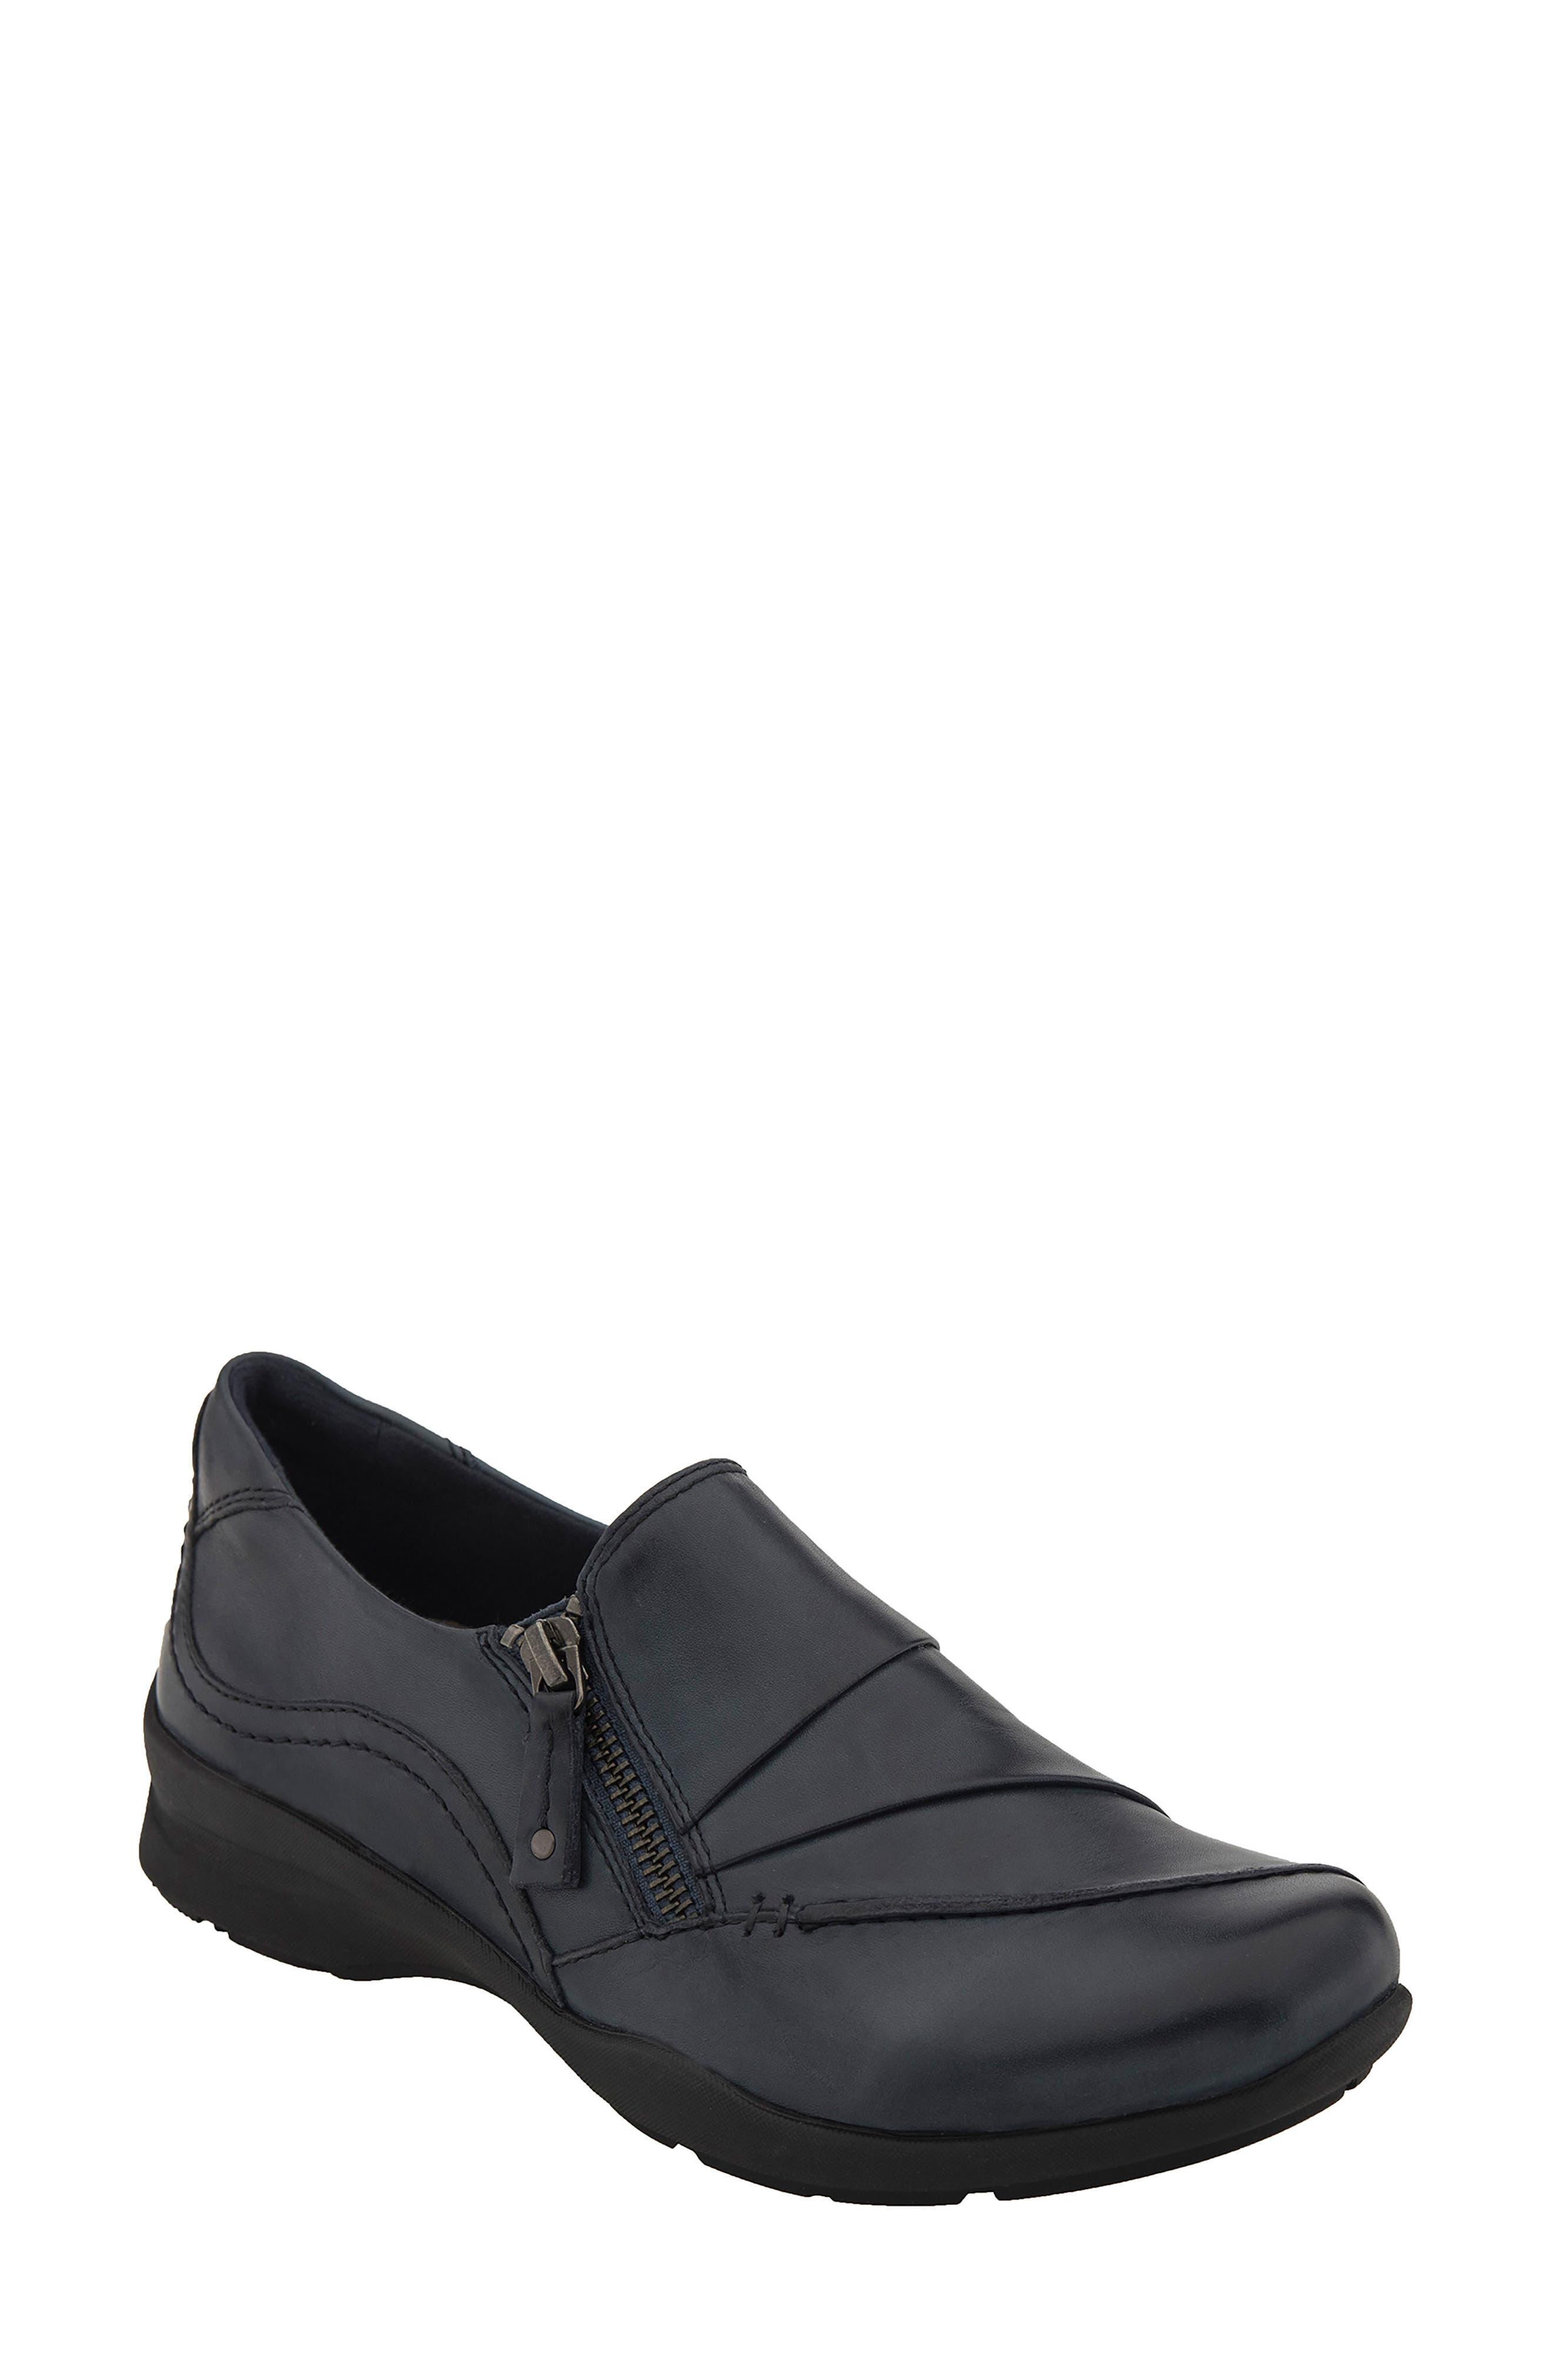 'Anise' Slip-On Sneaker,                             Main thumbnail 1, color,                             422